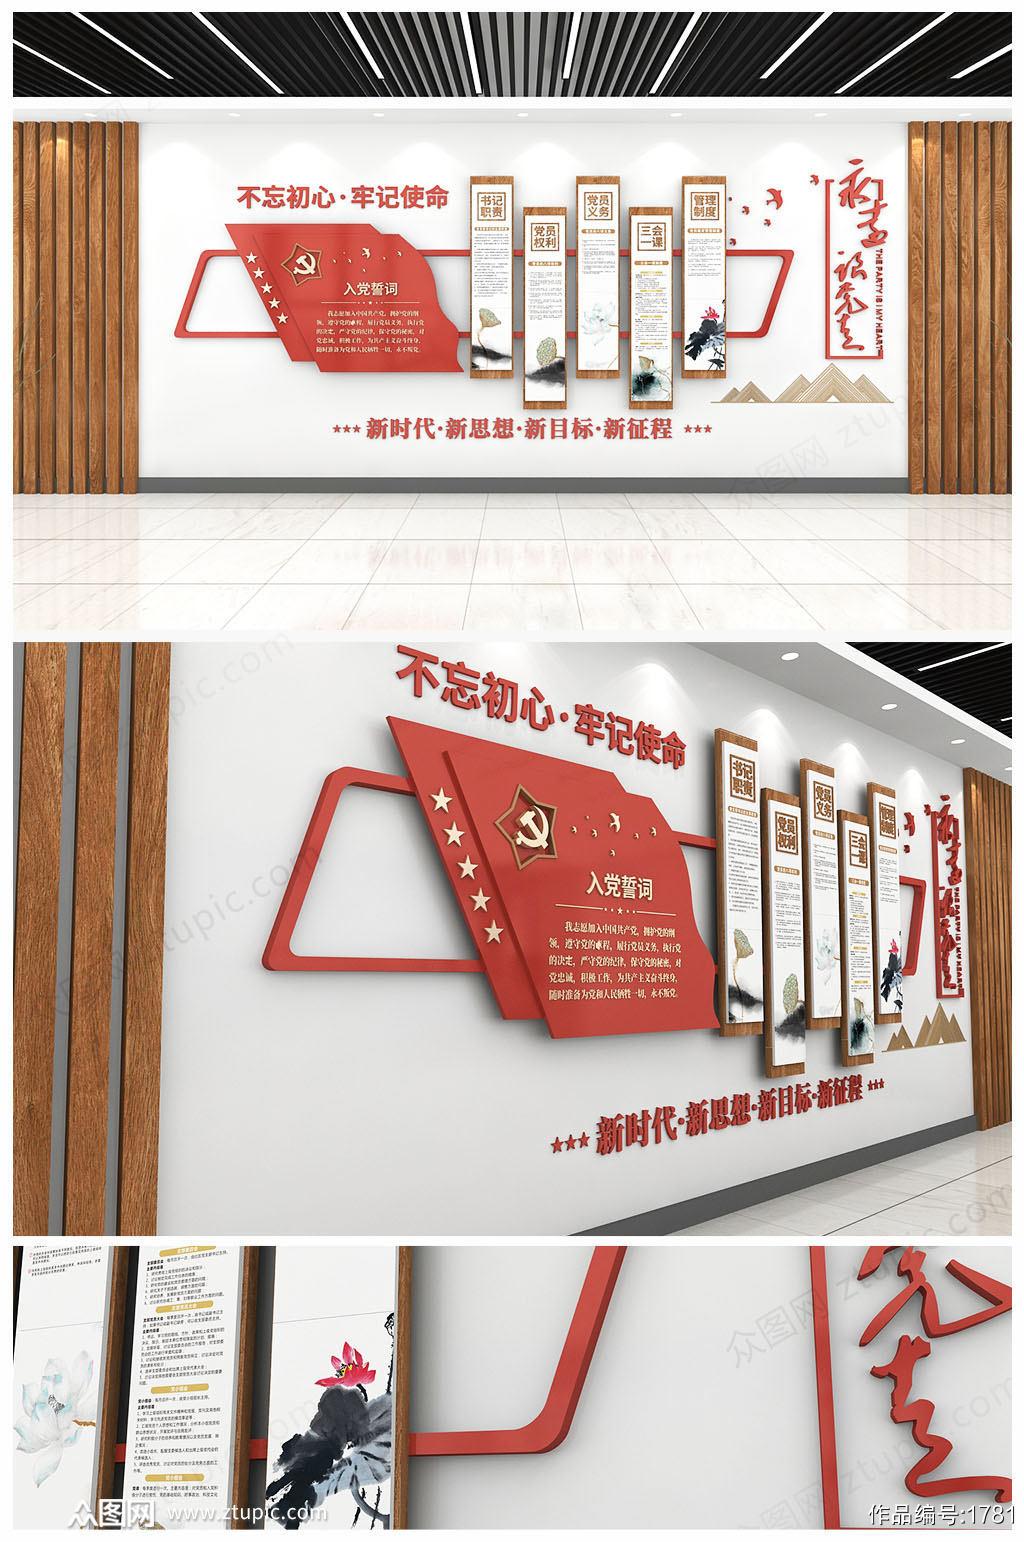 大气中国风党建文化墙廉政文化墙设计模板素材